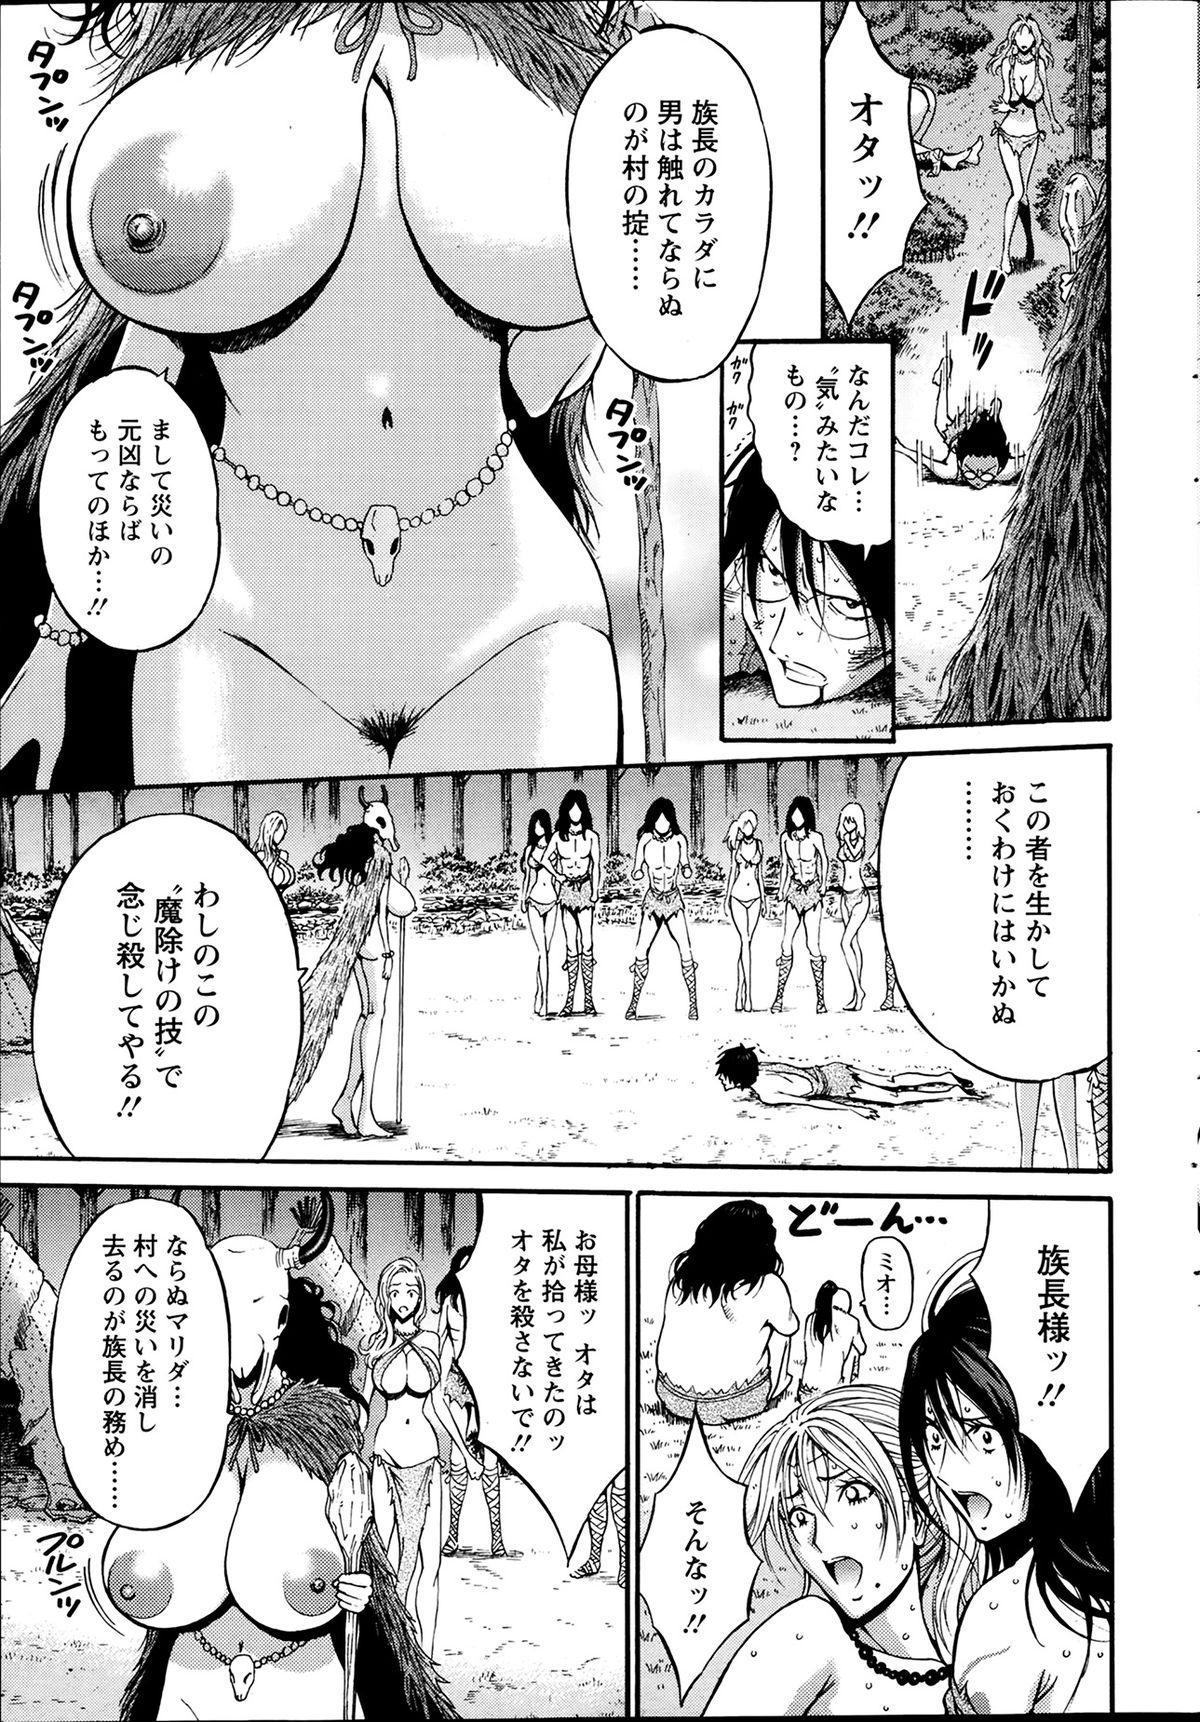 Kigenzen 10000 Nen no Ota Ch. 1-14 83